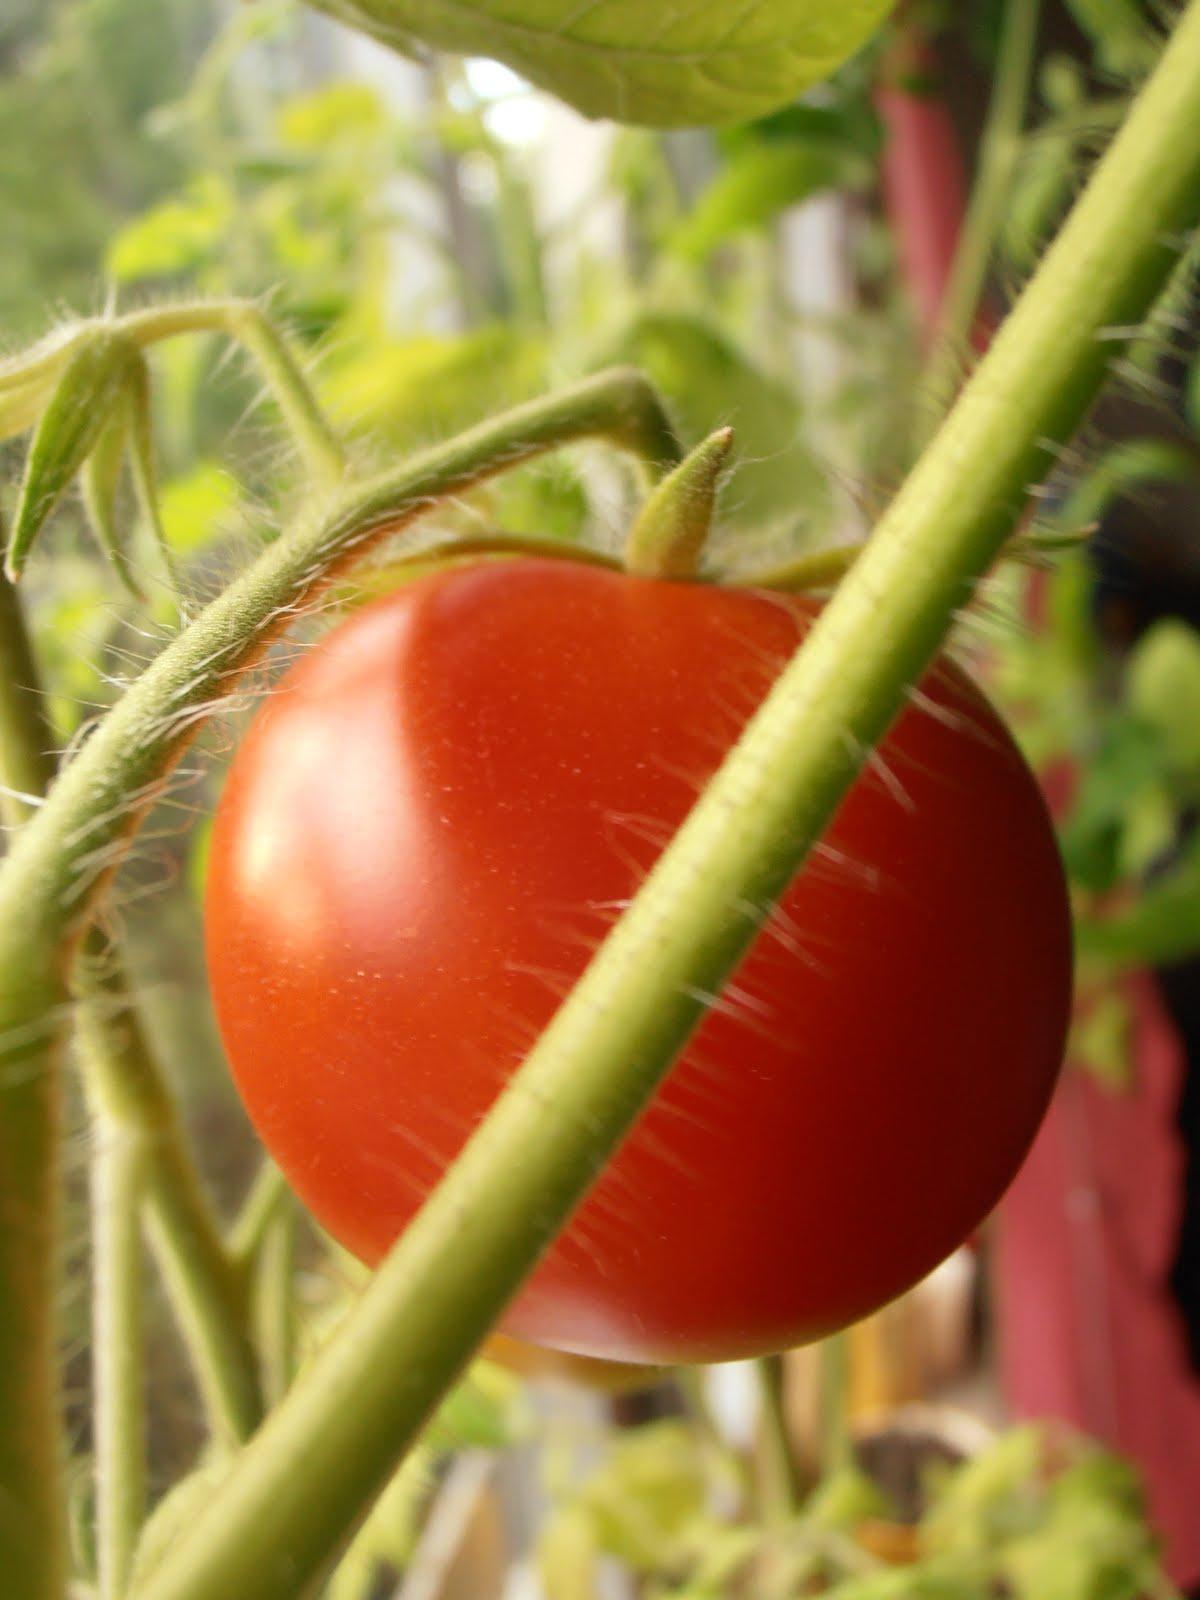 selber machen neues von den tomaten. Black Bedroom Furniture Sets. Home Design Ideas